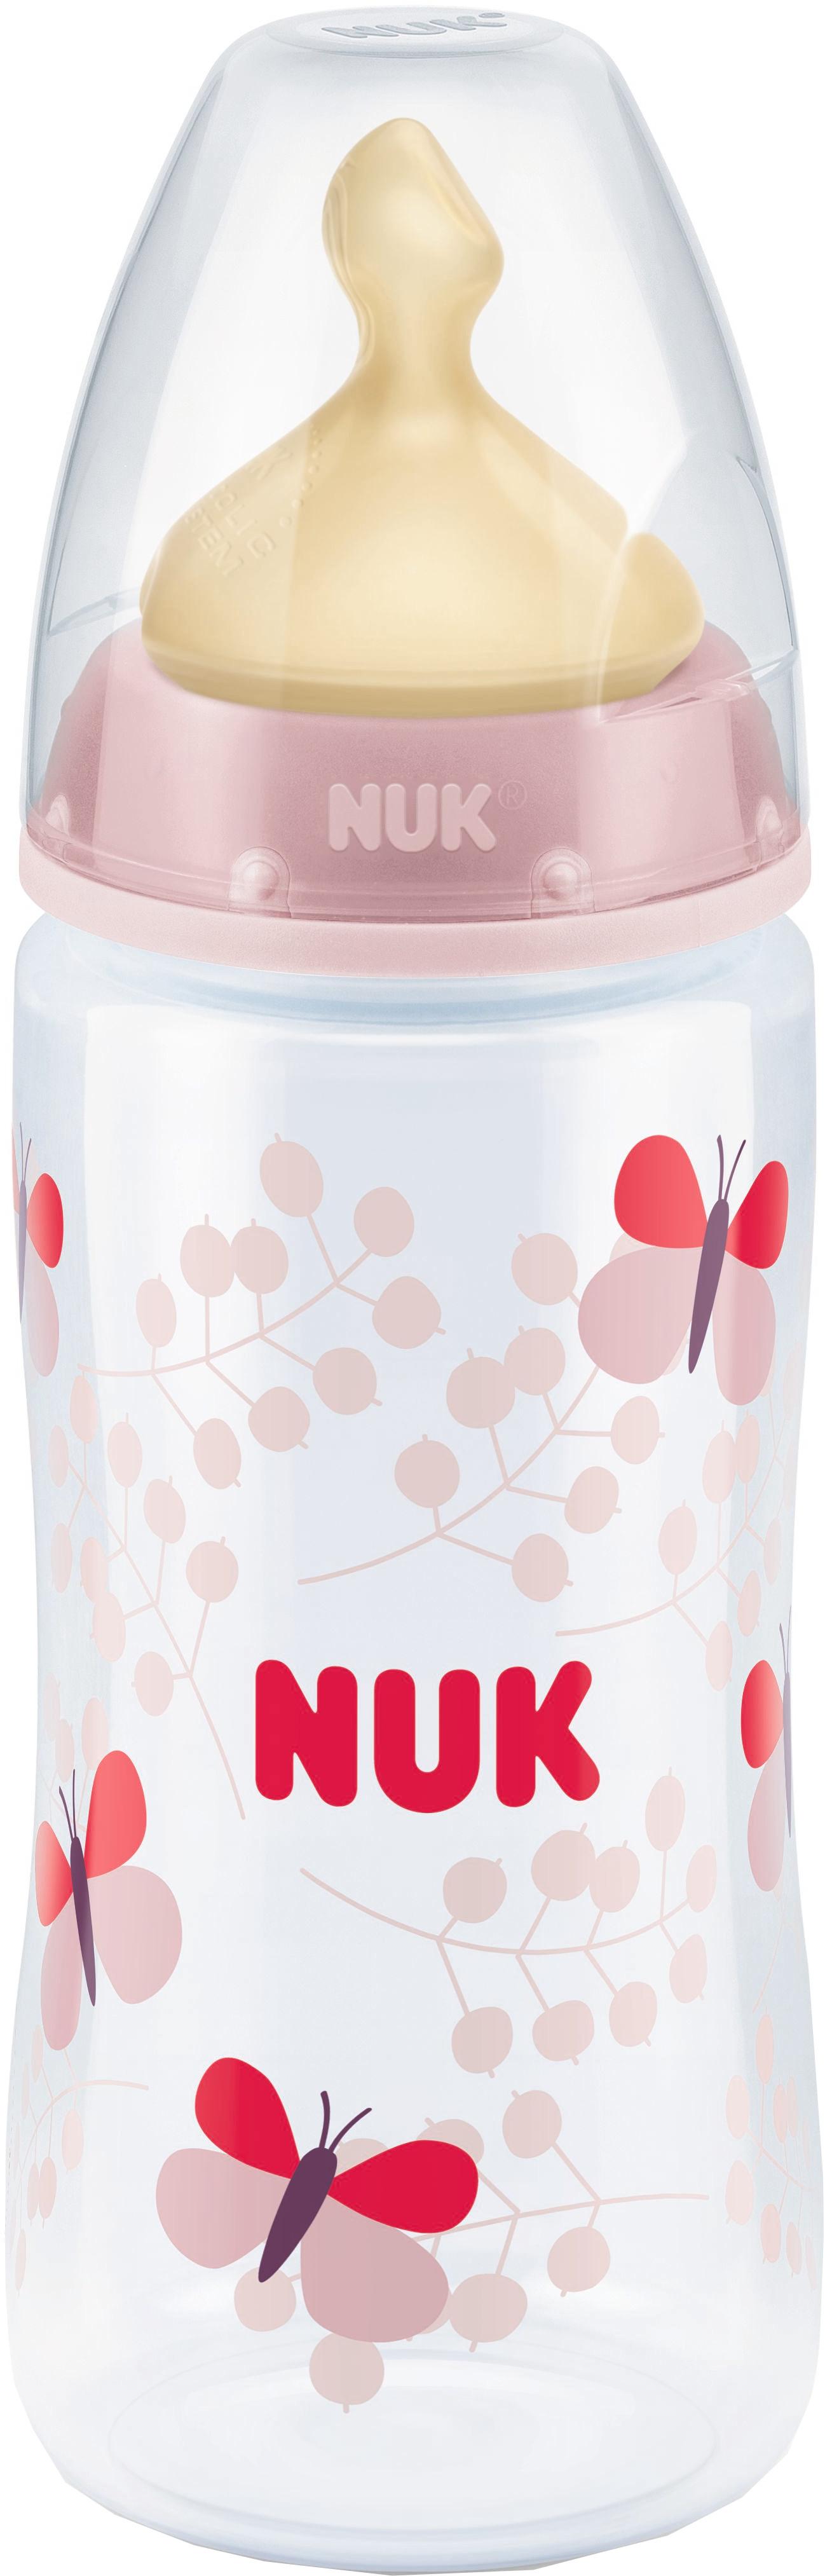 Бутылочка для кормления NUK First Choice Plus с силиконовой соской 0+, 300 мл. бутылочка для кормления nuk first choice plus с силиконовой соской м 0 150 мл в ассортименте